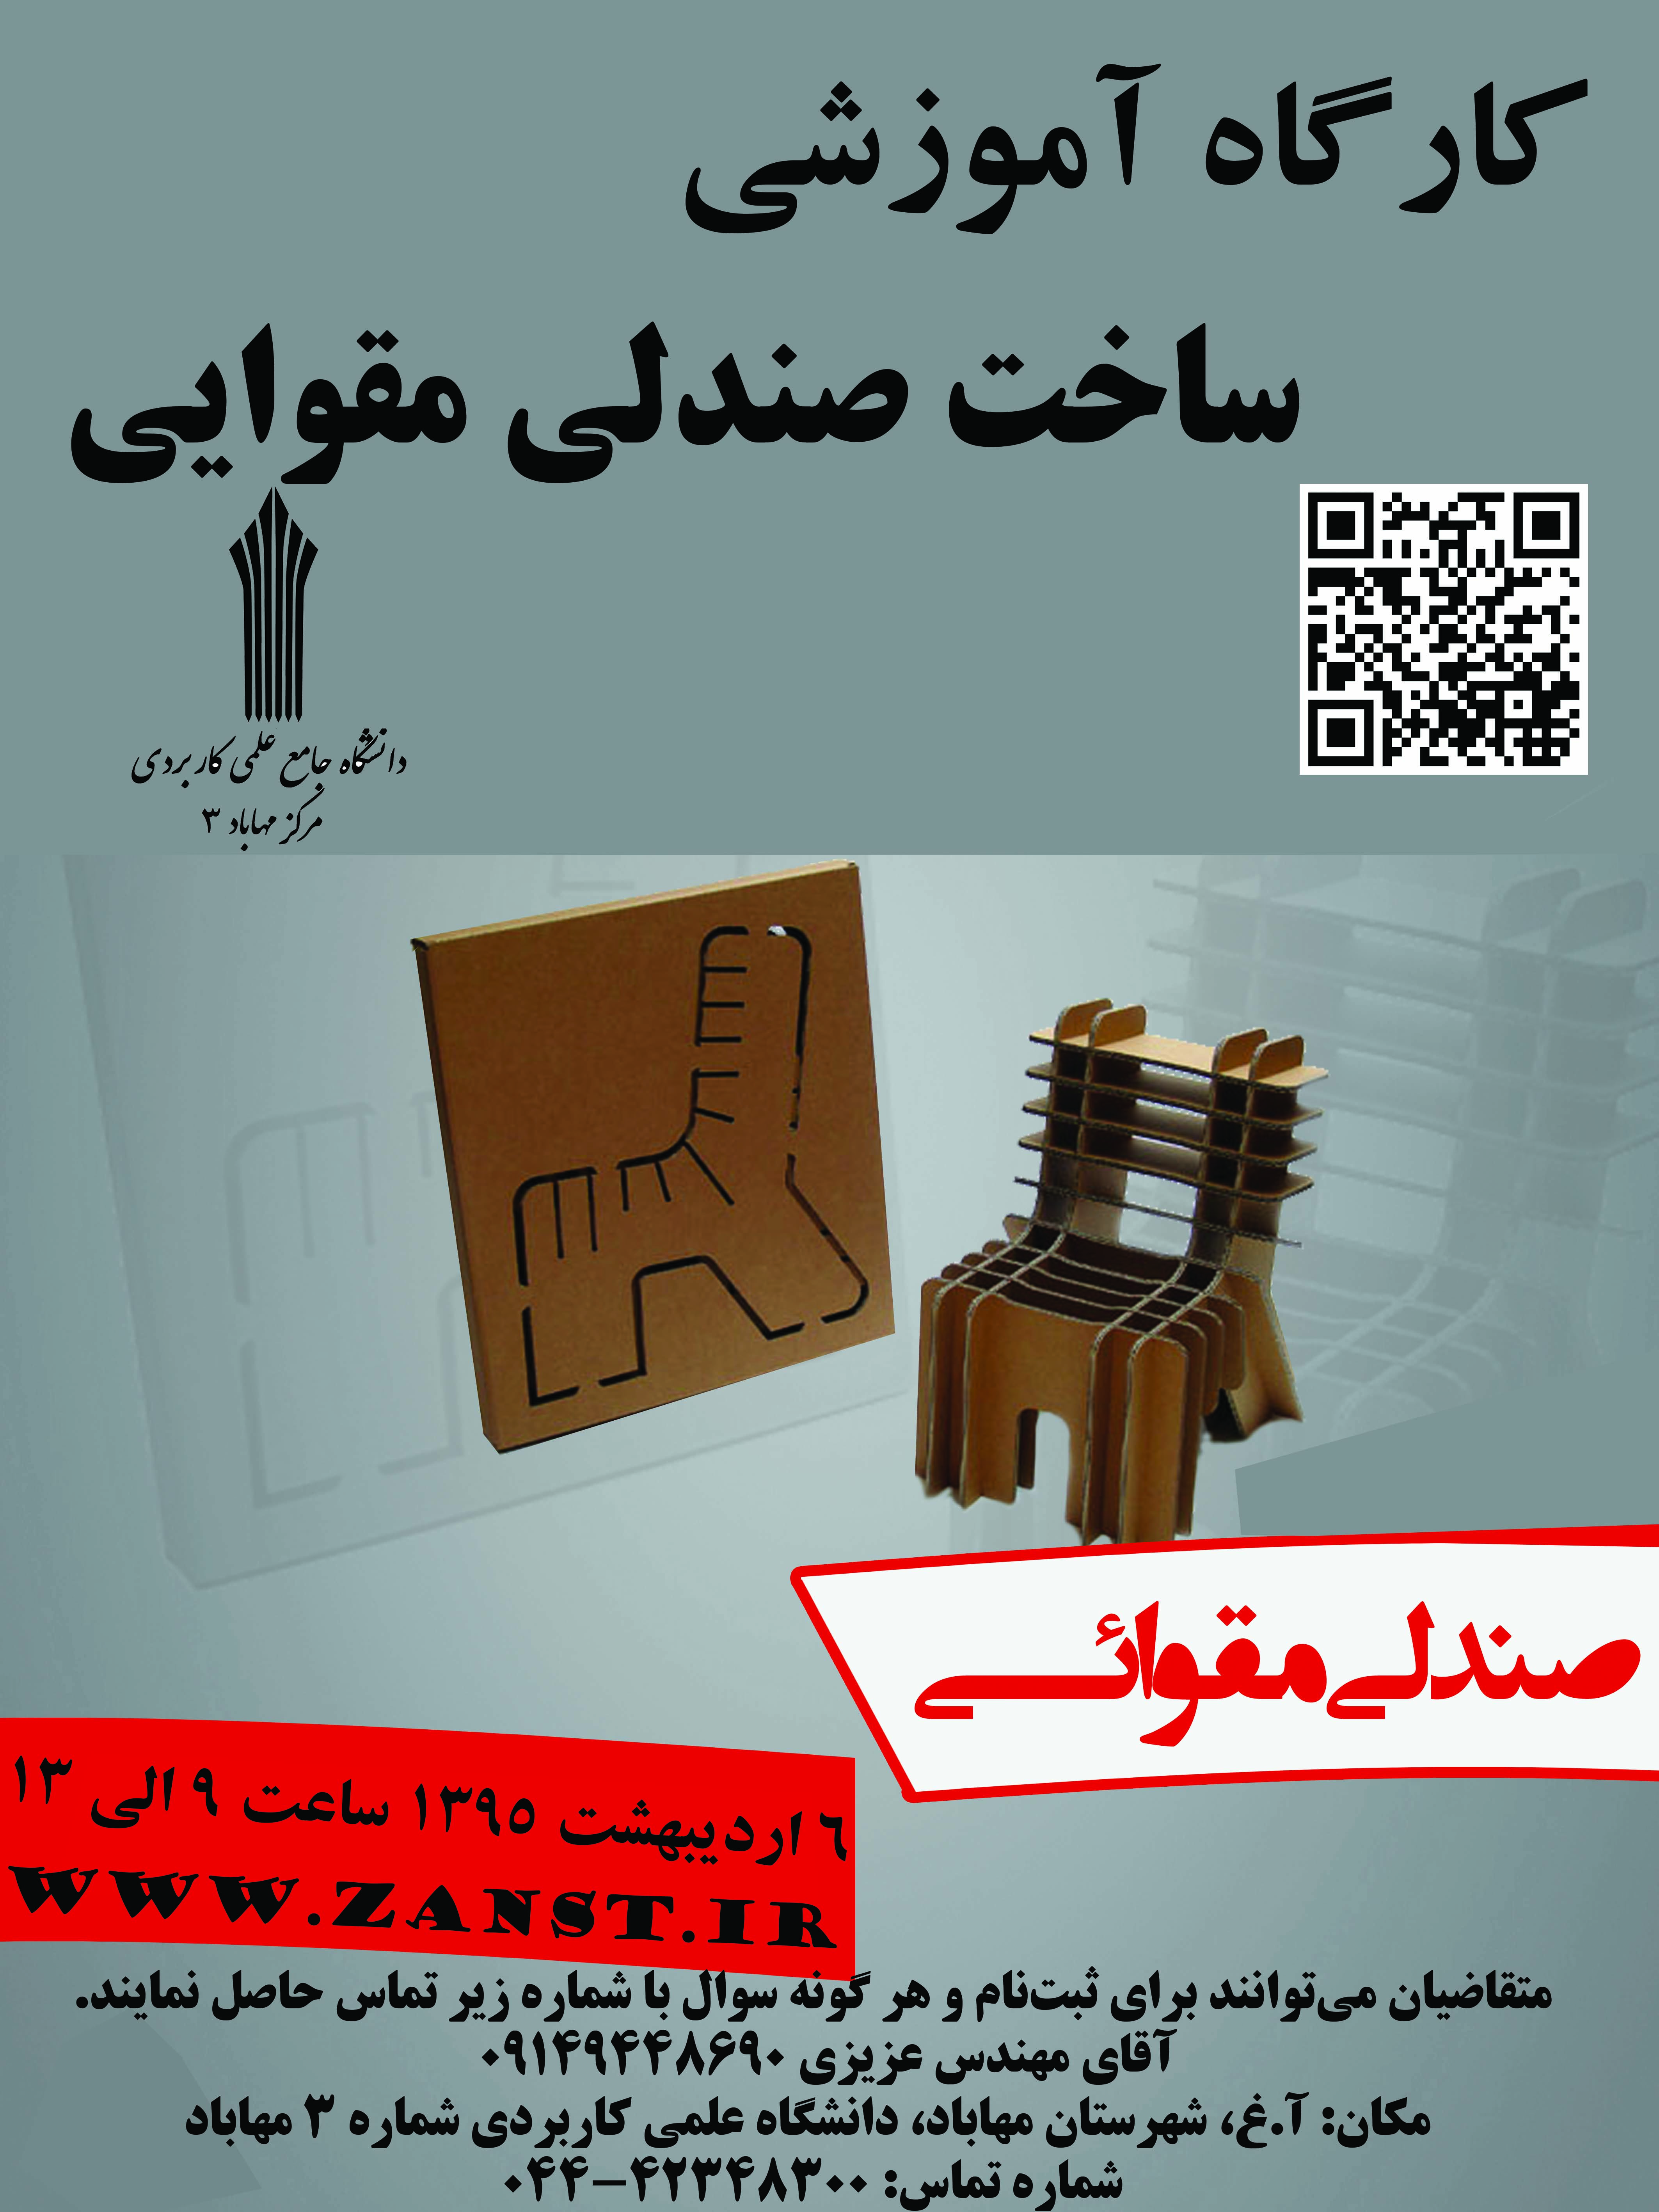 گروه+تلگرام+تبریز